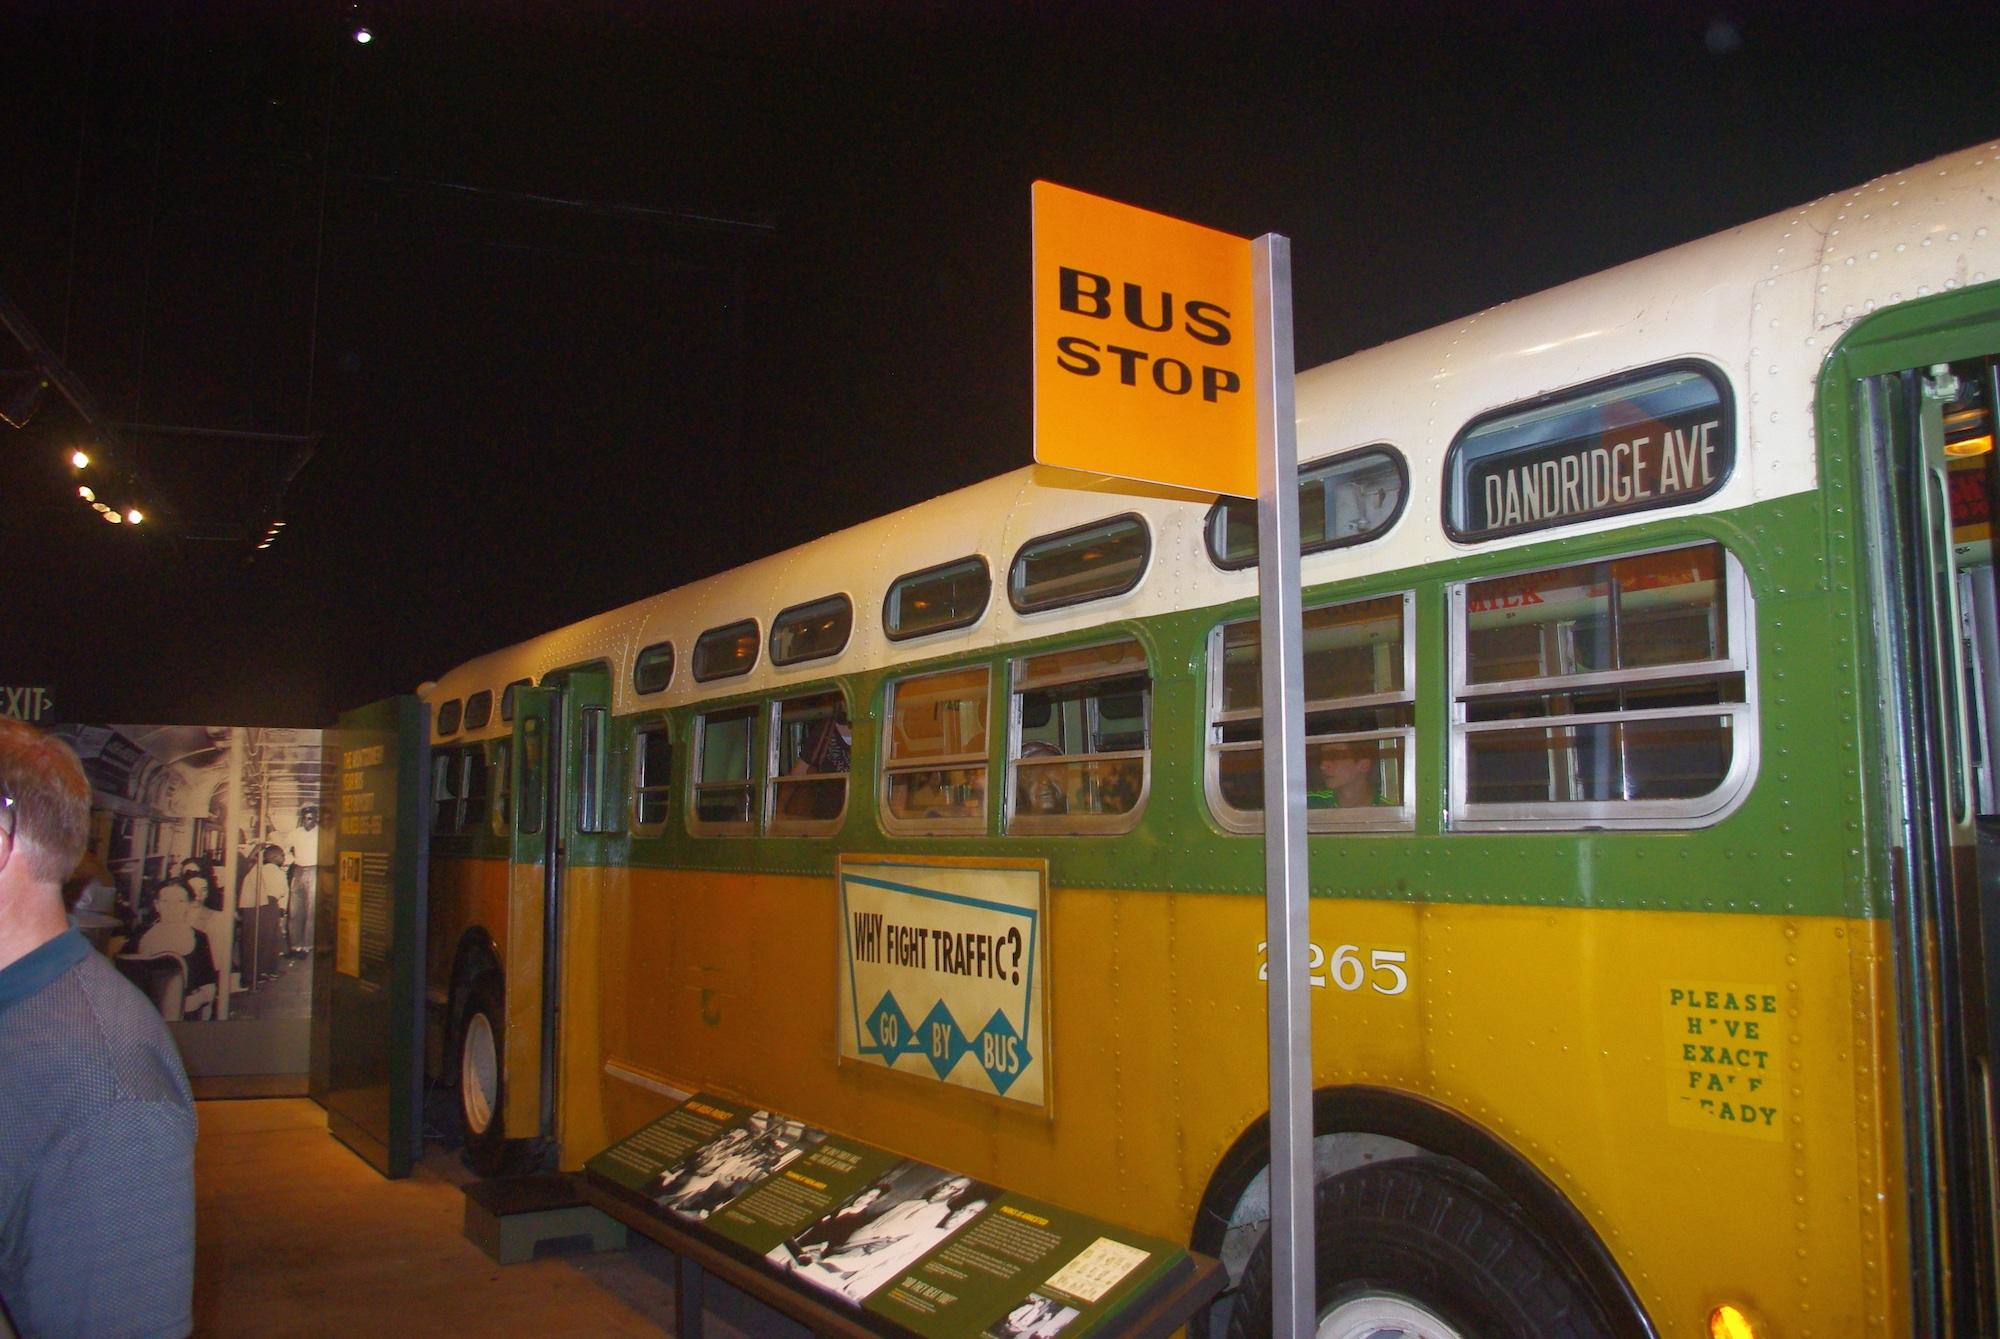 Une représentation du bus dans lequel Rosa Parks a refusé de céder sa place à un blanc à Montgomery en 1955